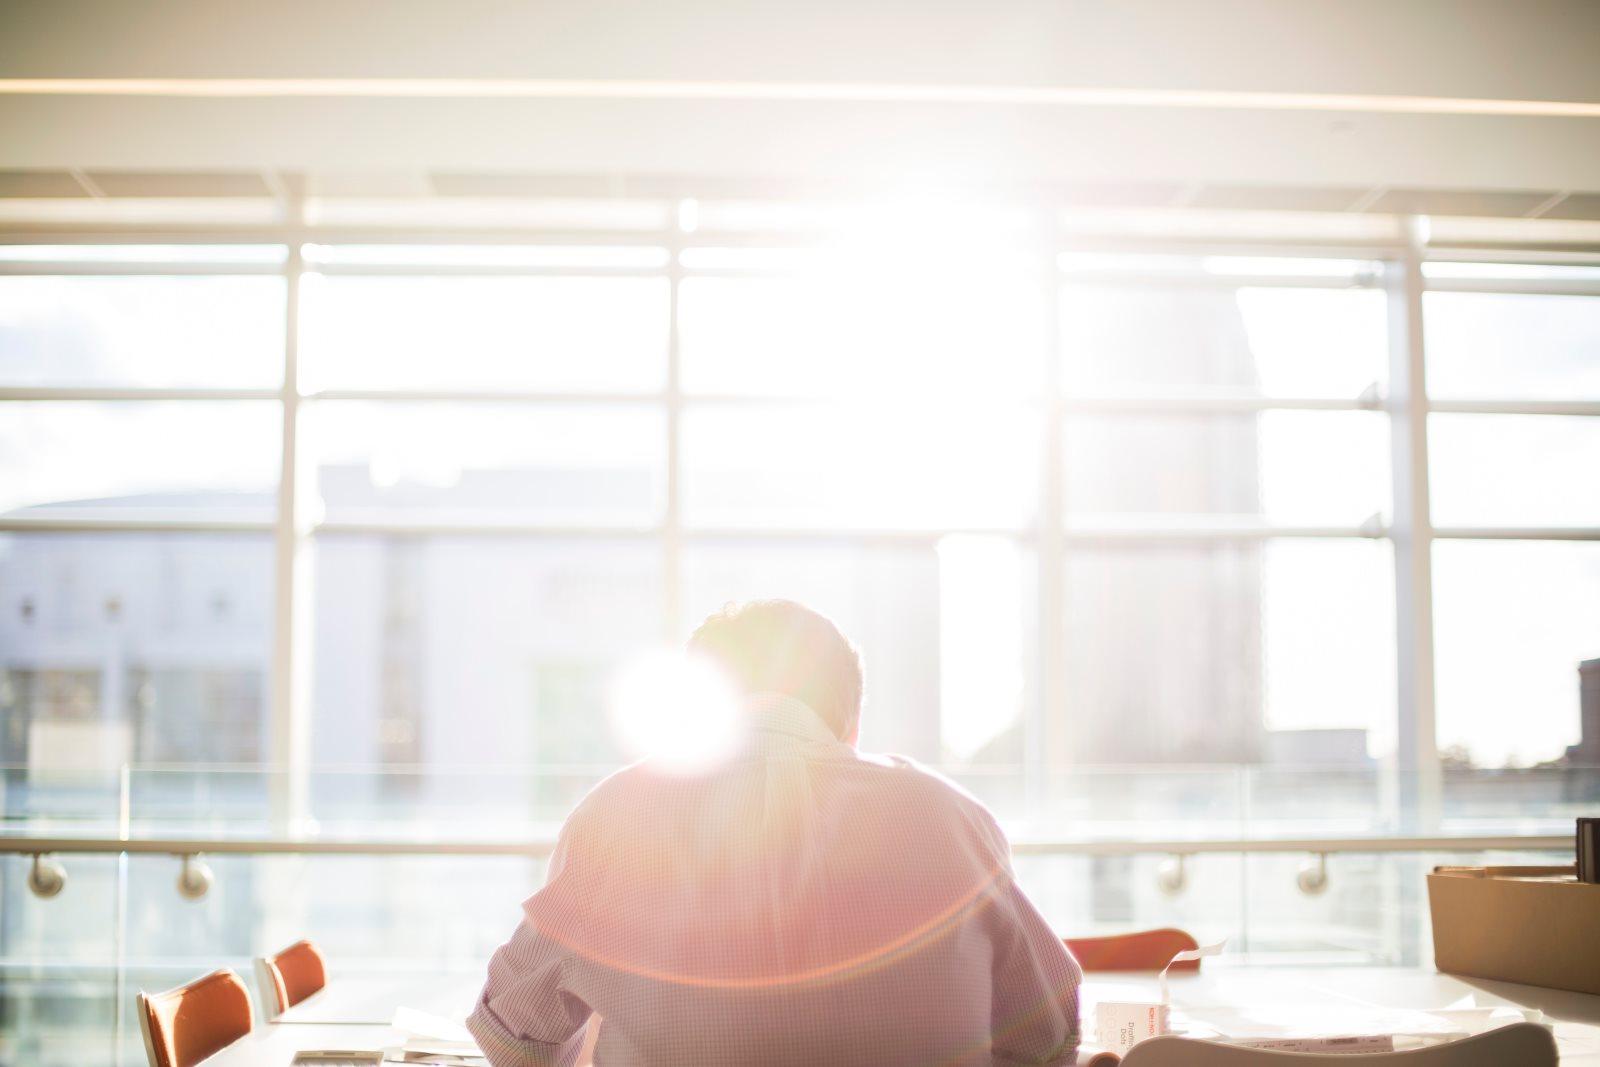 Jak się ubrać do biura latem? Propozycje 3 stylówek